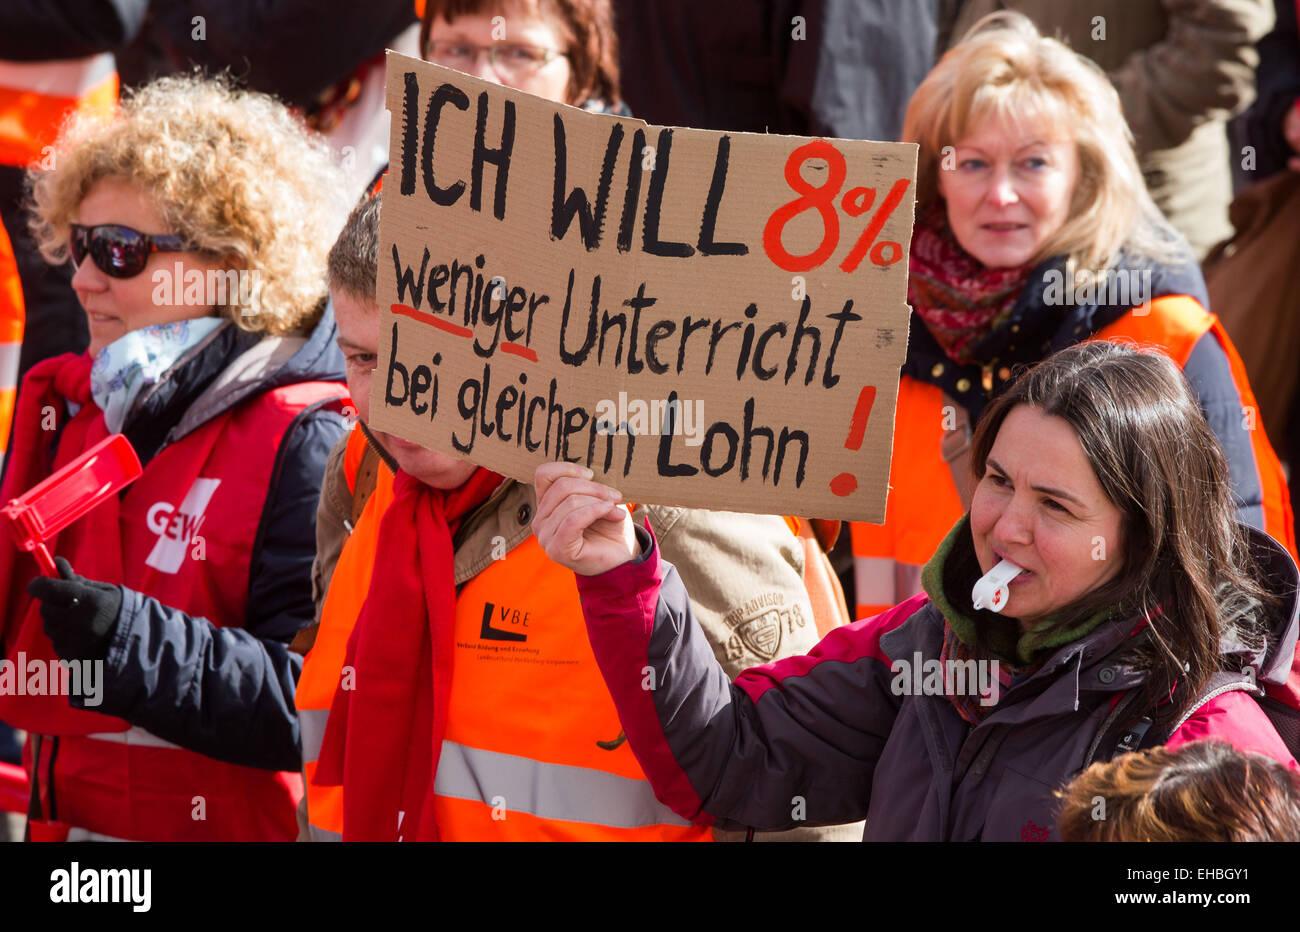 """Schwerin, Allemagne. Mar 11, 2015. Un manifestant porte un signe qui se lit 'JE wan 8 p. 100 de moins d'heures d'enseignement sur le même salaire' comme elle prend part avec des milliers de membres du personnel des agents de la fonction publique dans le cadre d'un rassemblement du Syndicat des enseignants de l'allemand 'GEW', 'unifiée des services Ver.di' et le Syndicat de la police """"PIB"""" à Schwerin, Allemagne, 11 mars 2015. Les syndicats exigent un 5.5 pour cent et au moins 175 euros par mois d'augmentation de salaire pour les travailleurs du secteur public. Photo: Jens Buettner/dpa/Alamy Live News Banque D'Images"""